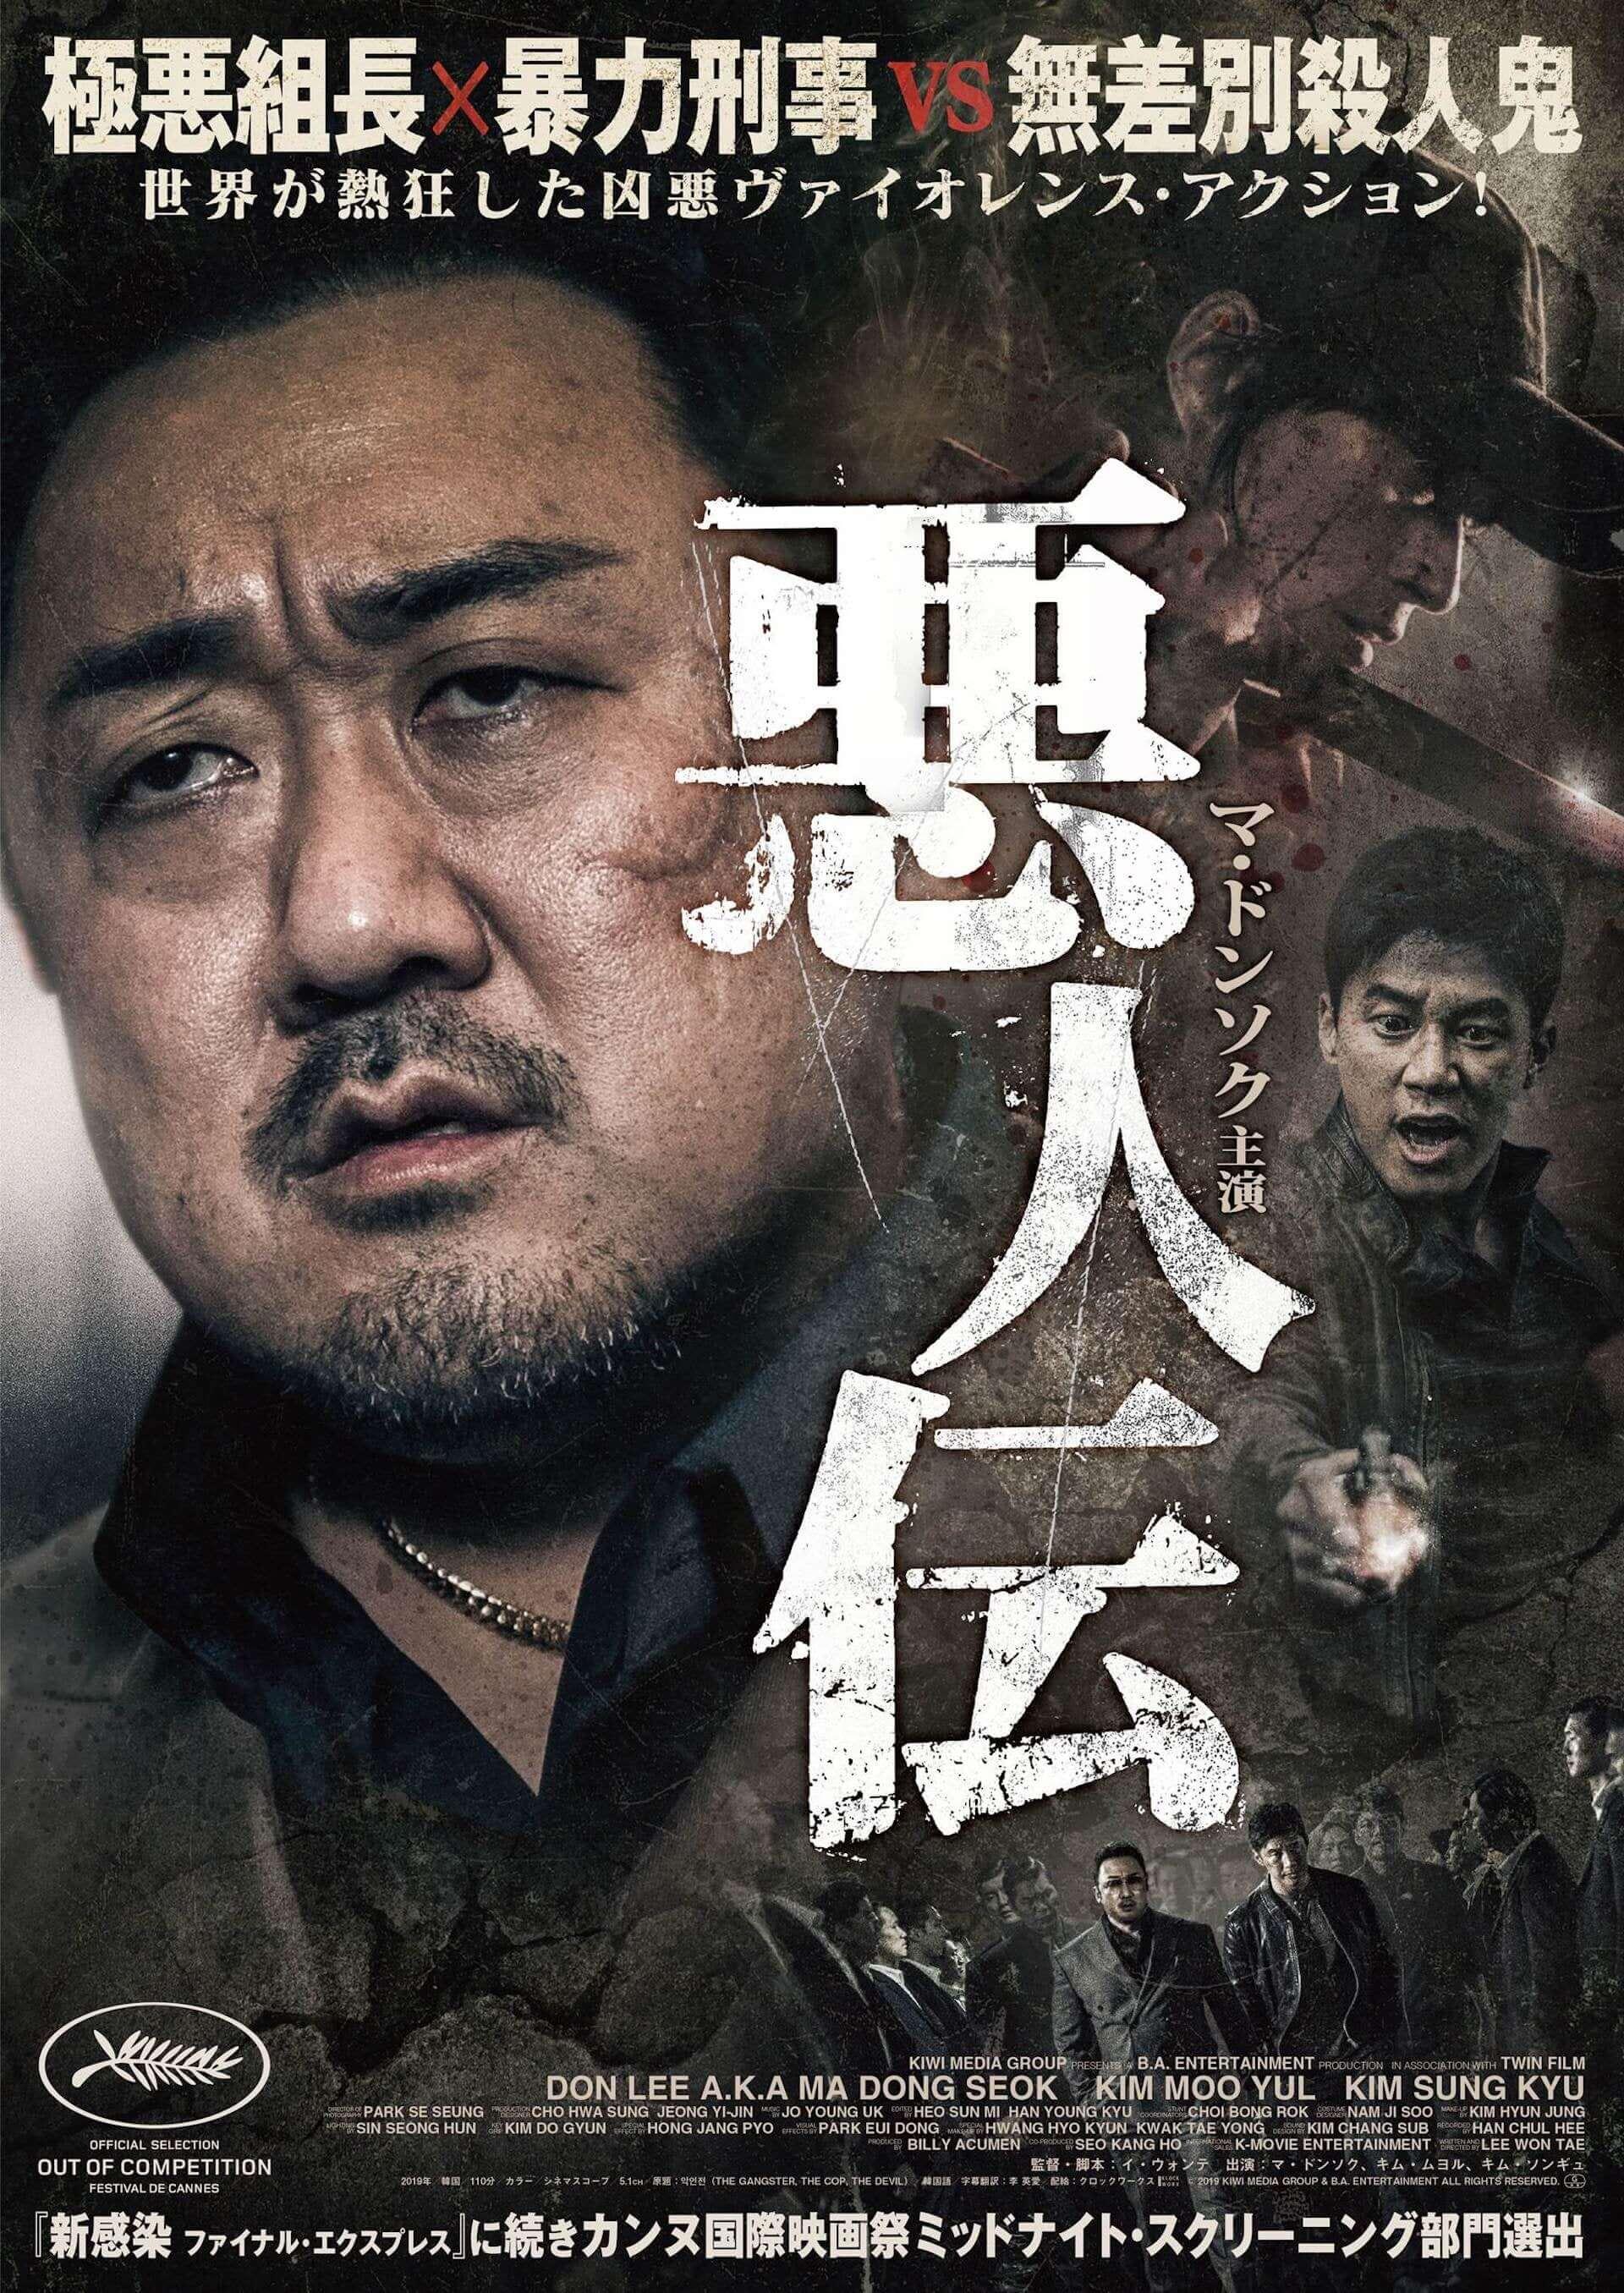 隣の席にマ・ドンソク現る!異例の大ヒットを遂げた韓国映画『悪人伝』のソーシャルディスタンスパネルが劇場に設置決定 film200619_akuninden_1-1920x2711